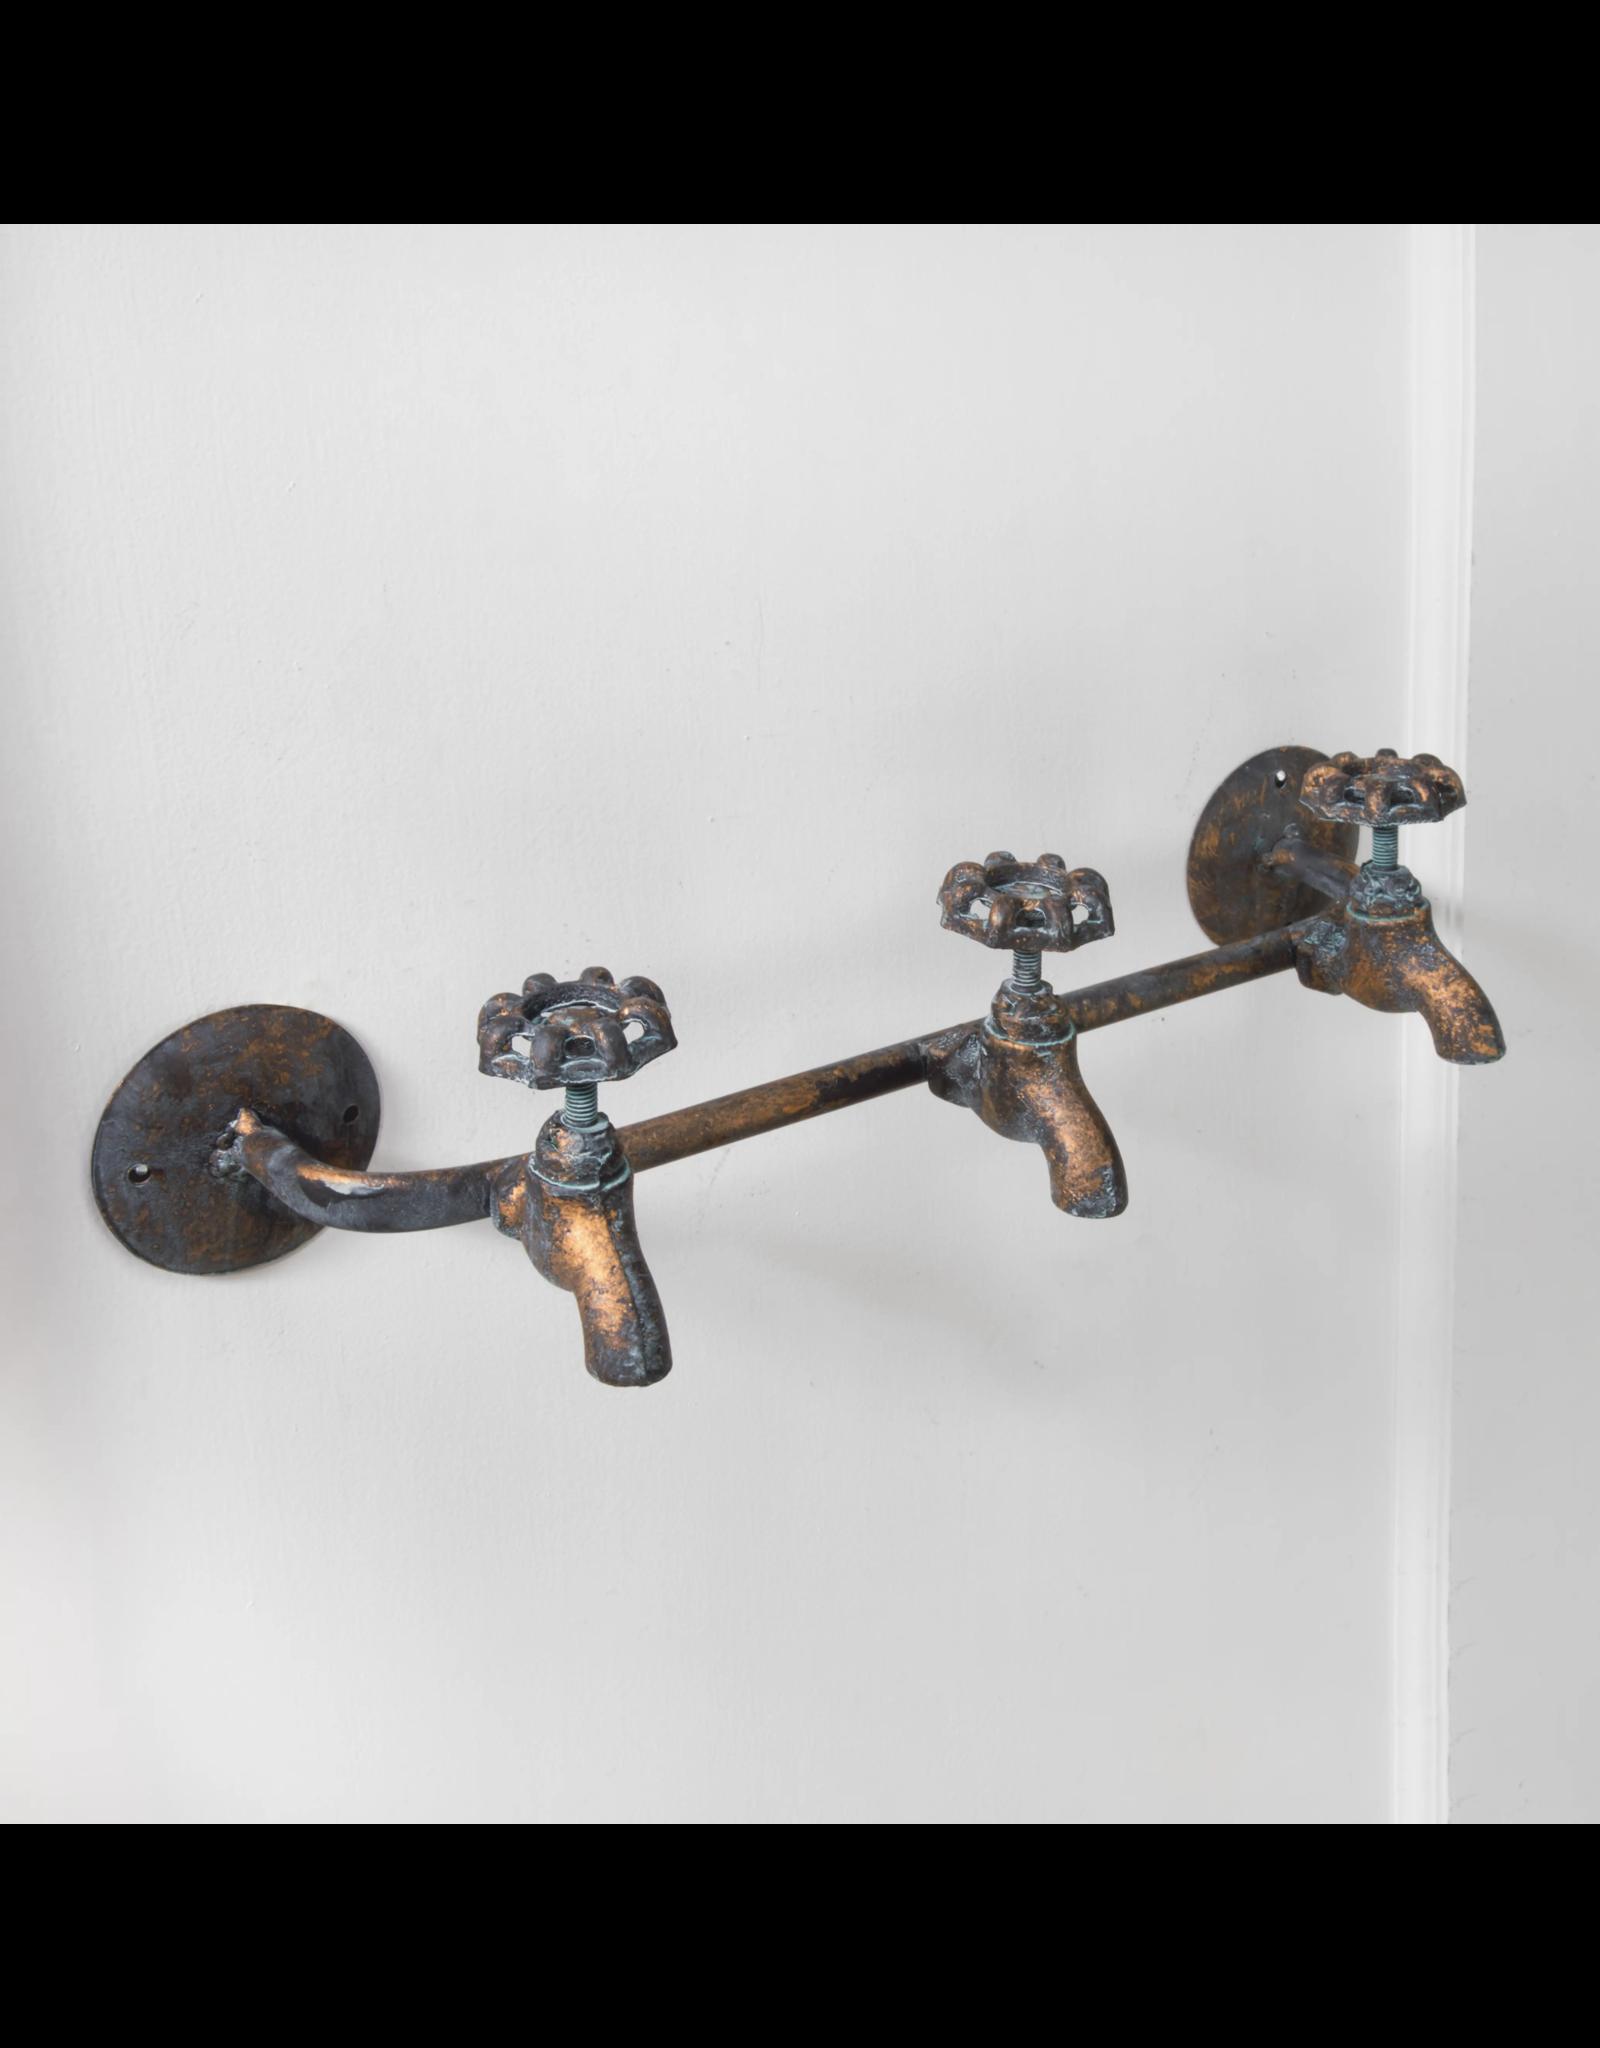 3 Knob Water Spigot Wall Hook